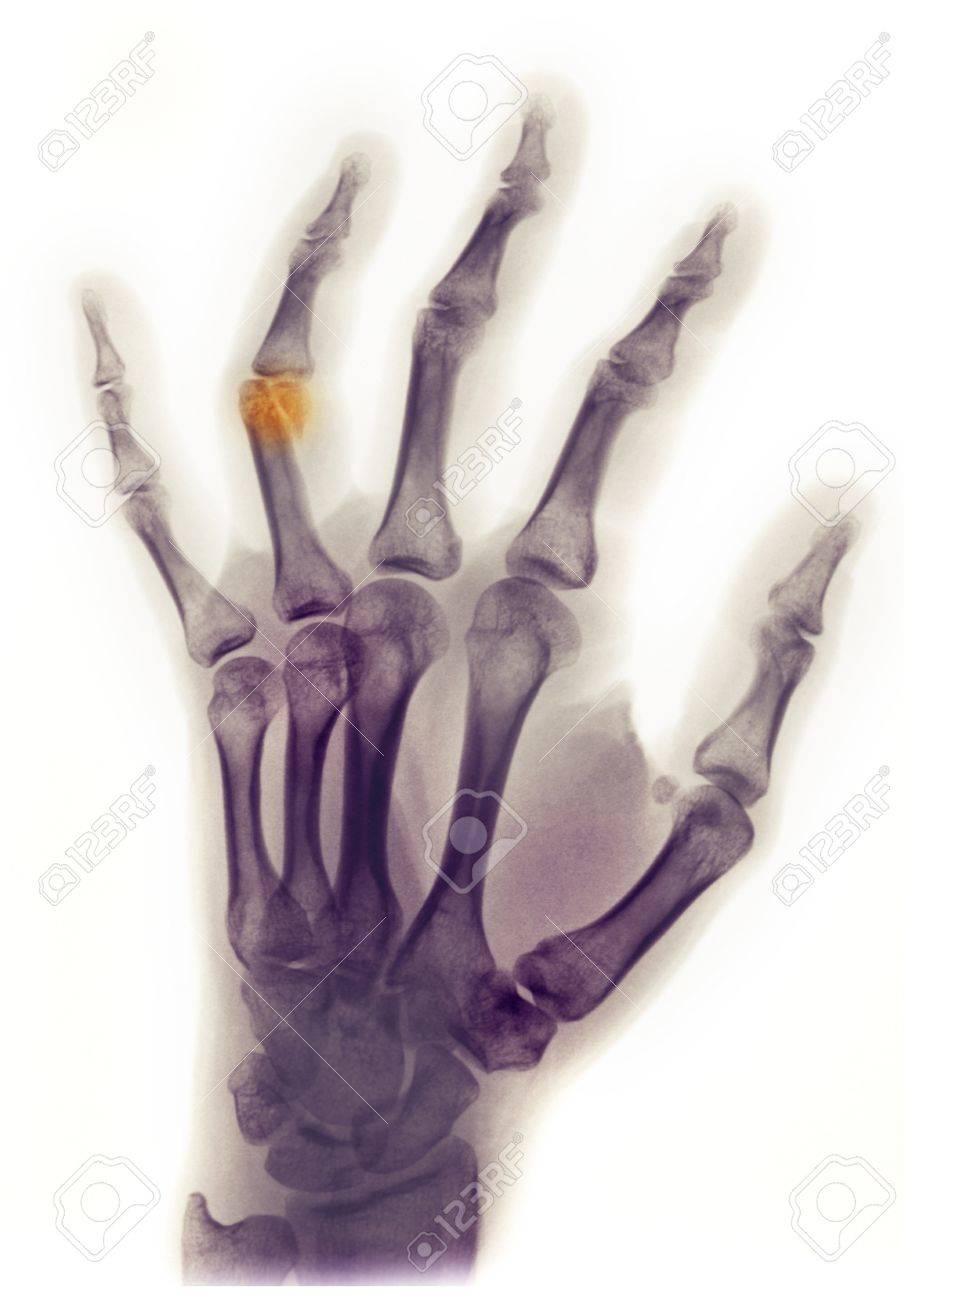 X-ray Mit Hand Des Weibchens 23-jährige Zeigen Einen Bruch Der ...